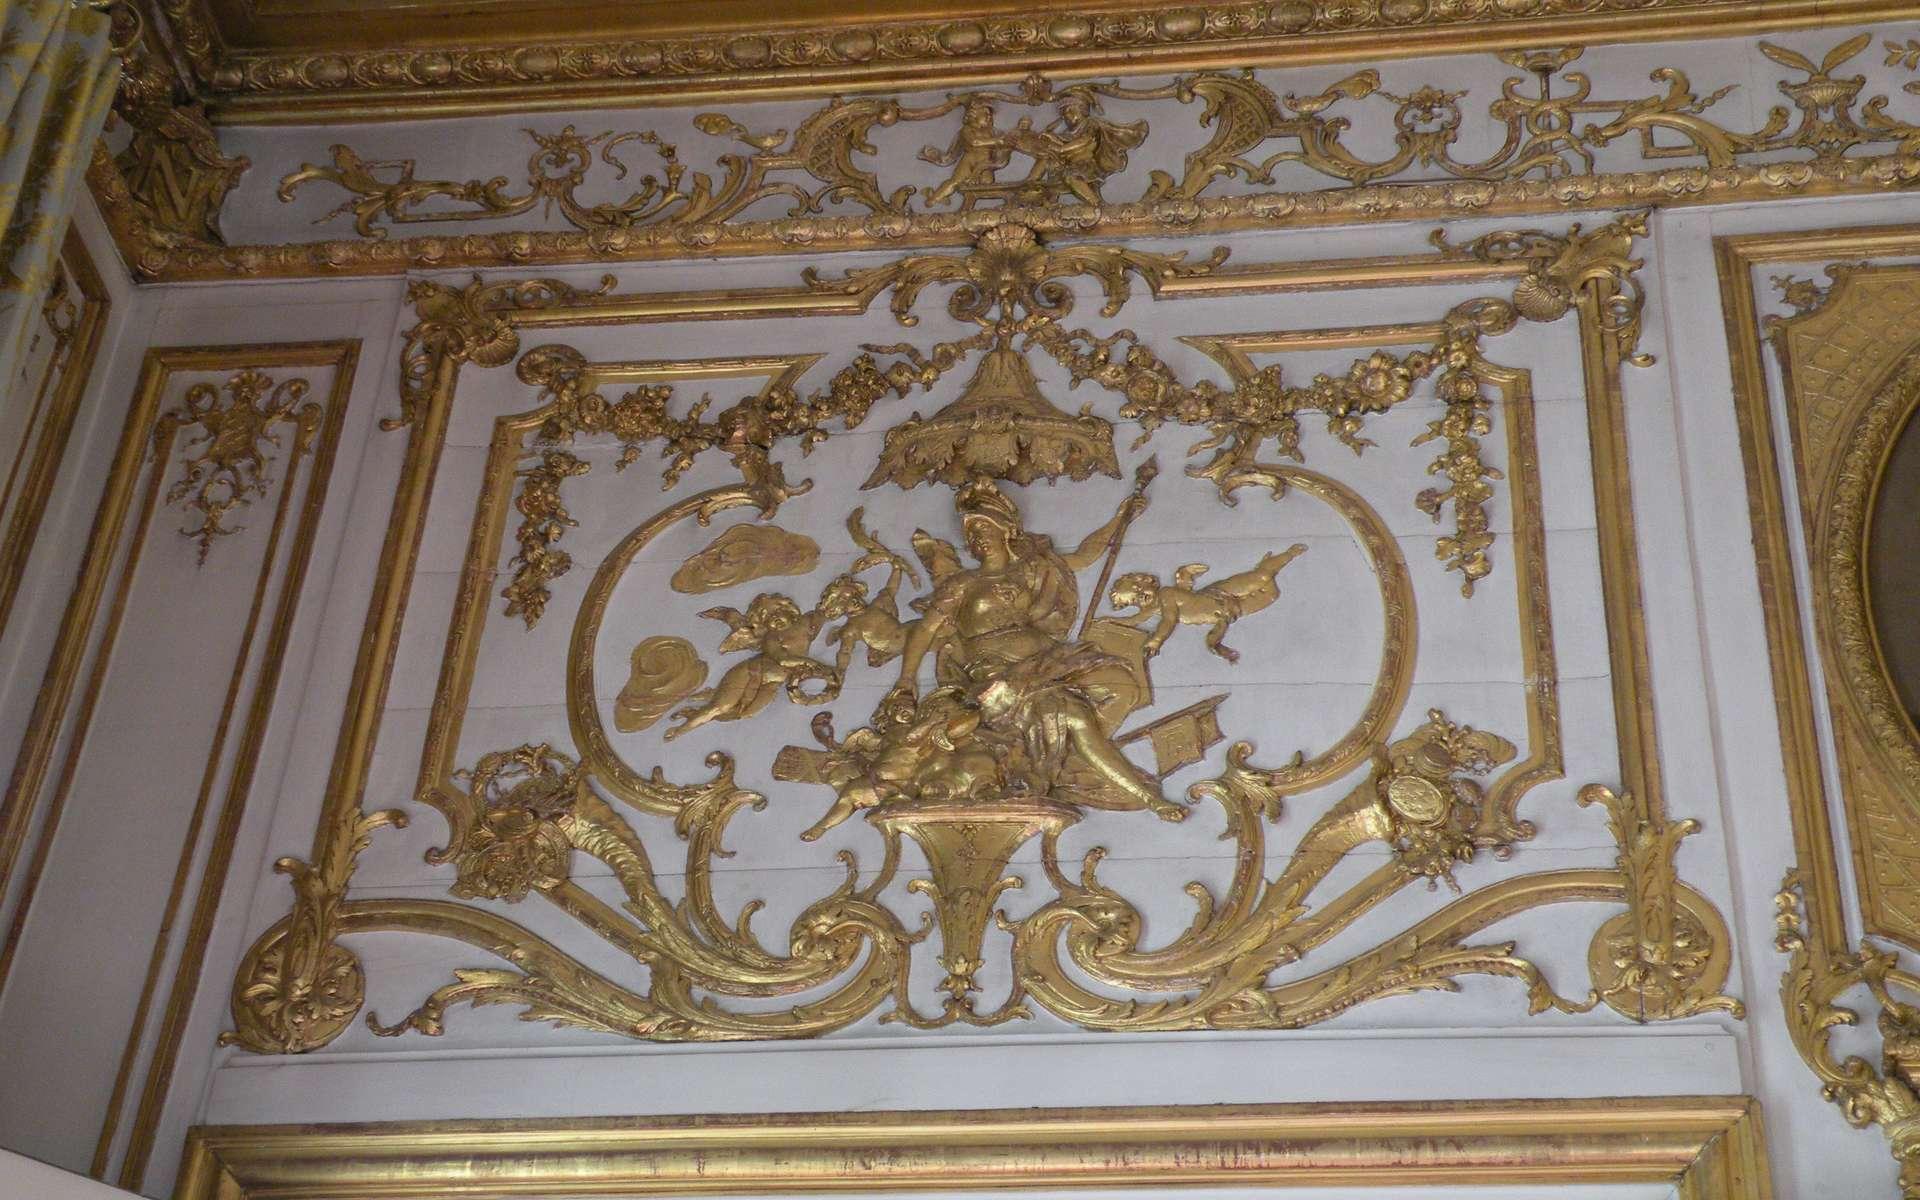 Le champlat est une baguette de bois qui habille l'encadrement d'une porte. © Chatsam, CC BY-SA 3.0, Wikimedia Commons